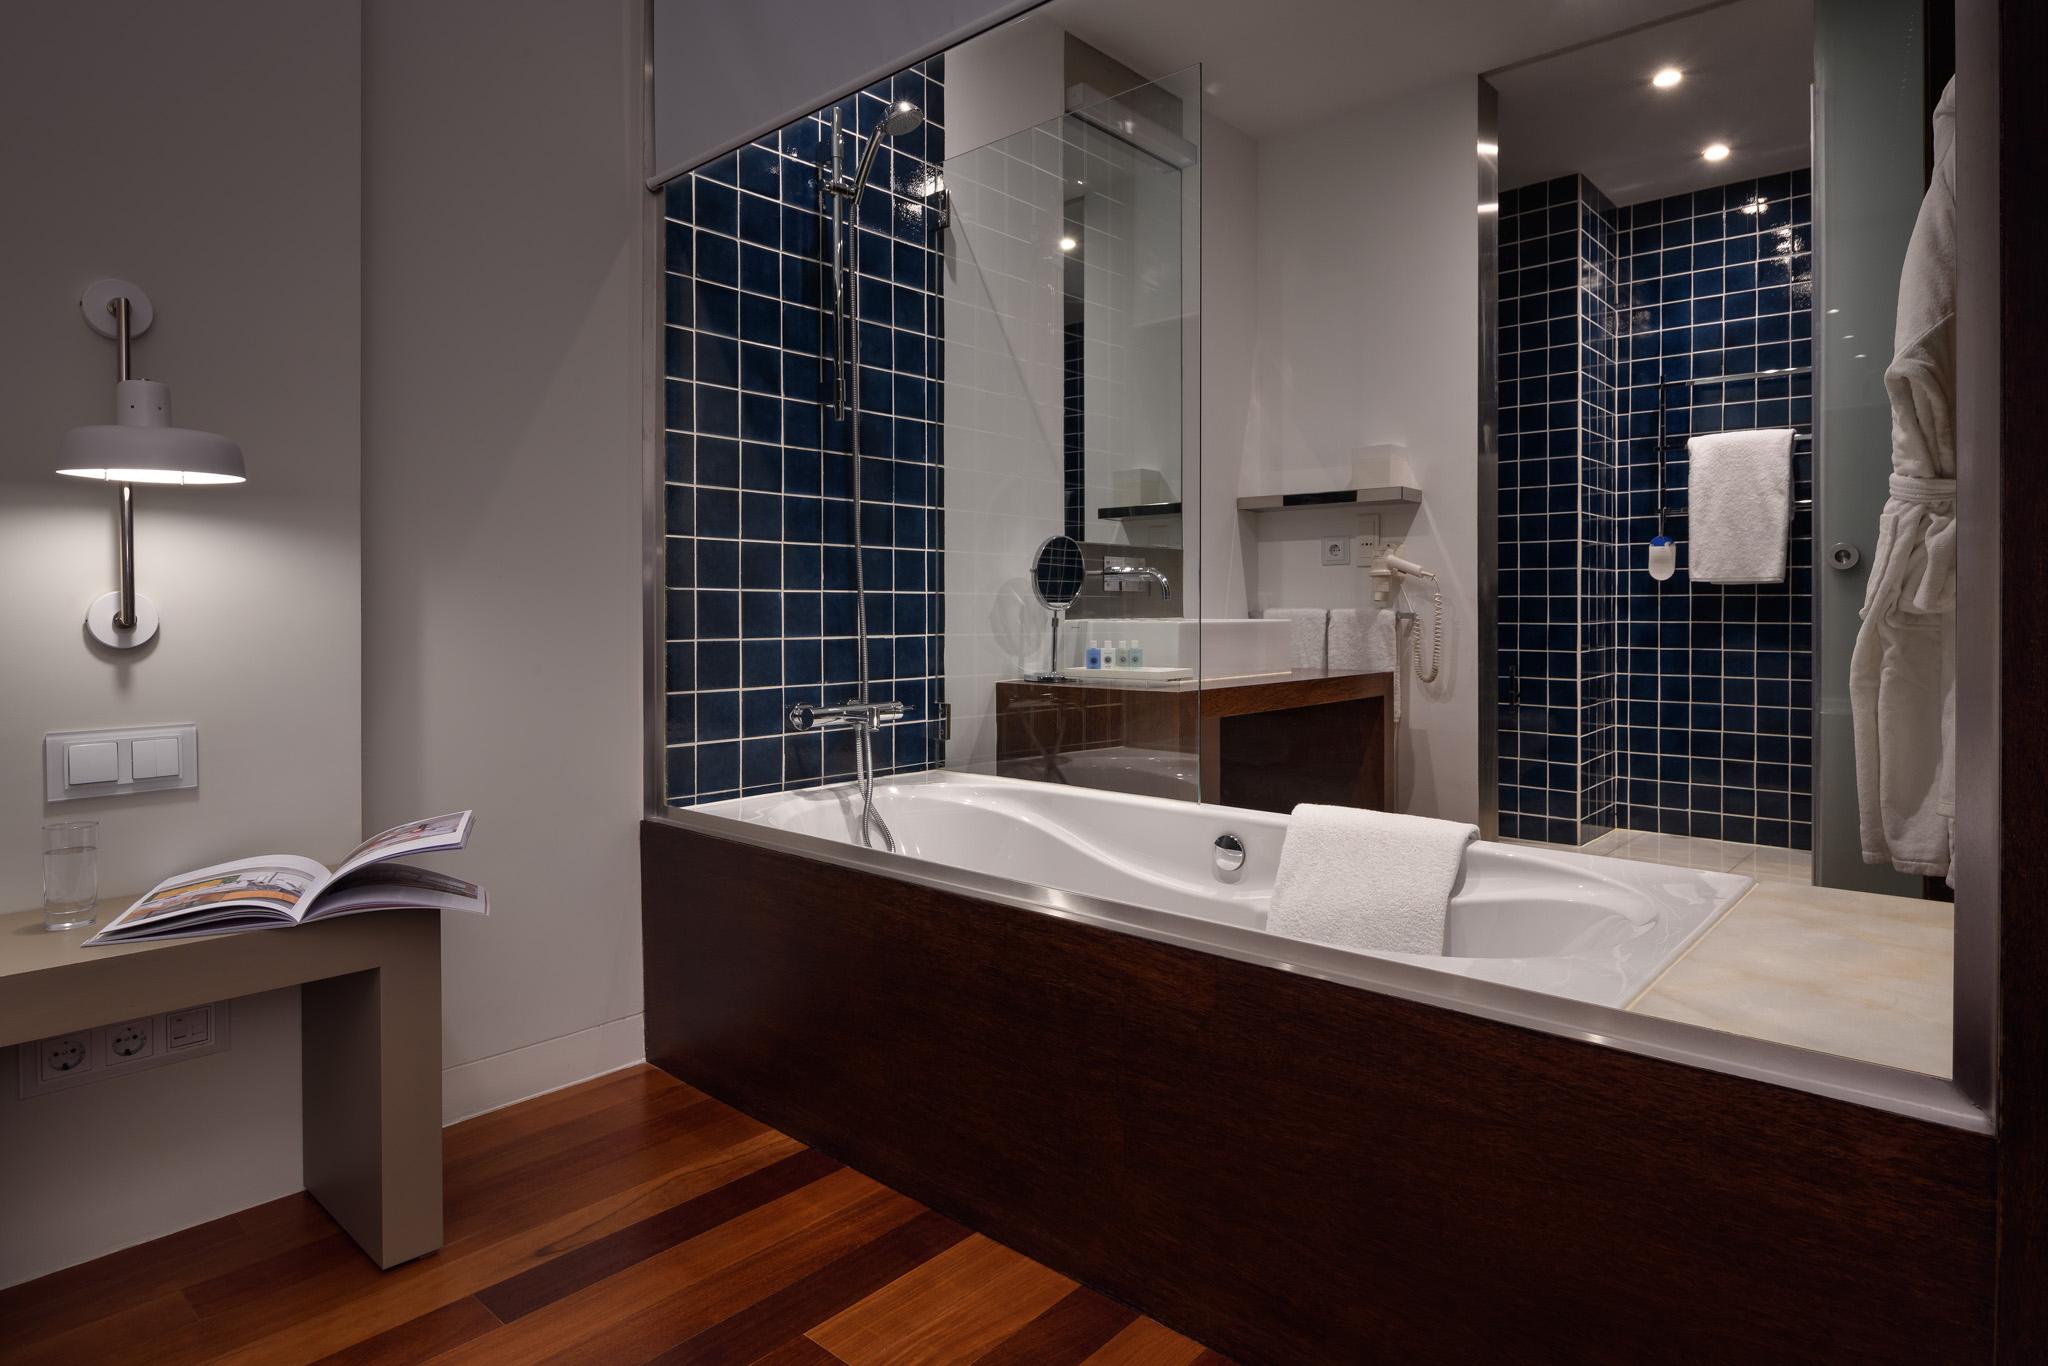 10-Quarto 122-casa de banho.jpg